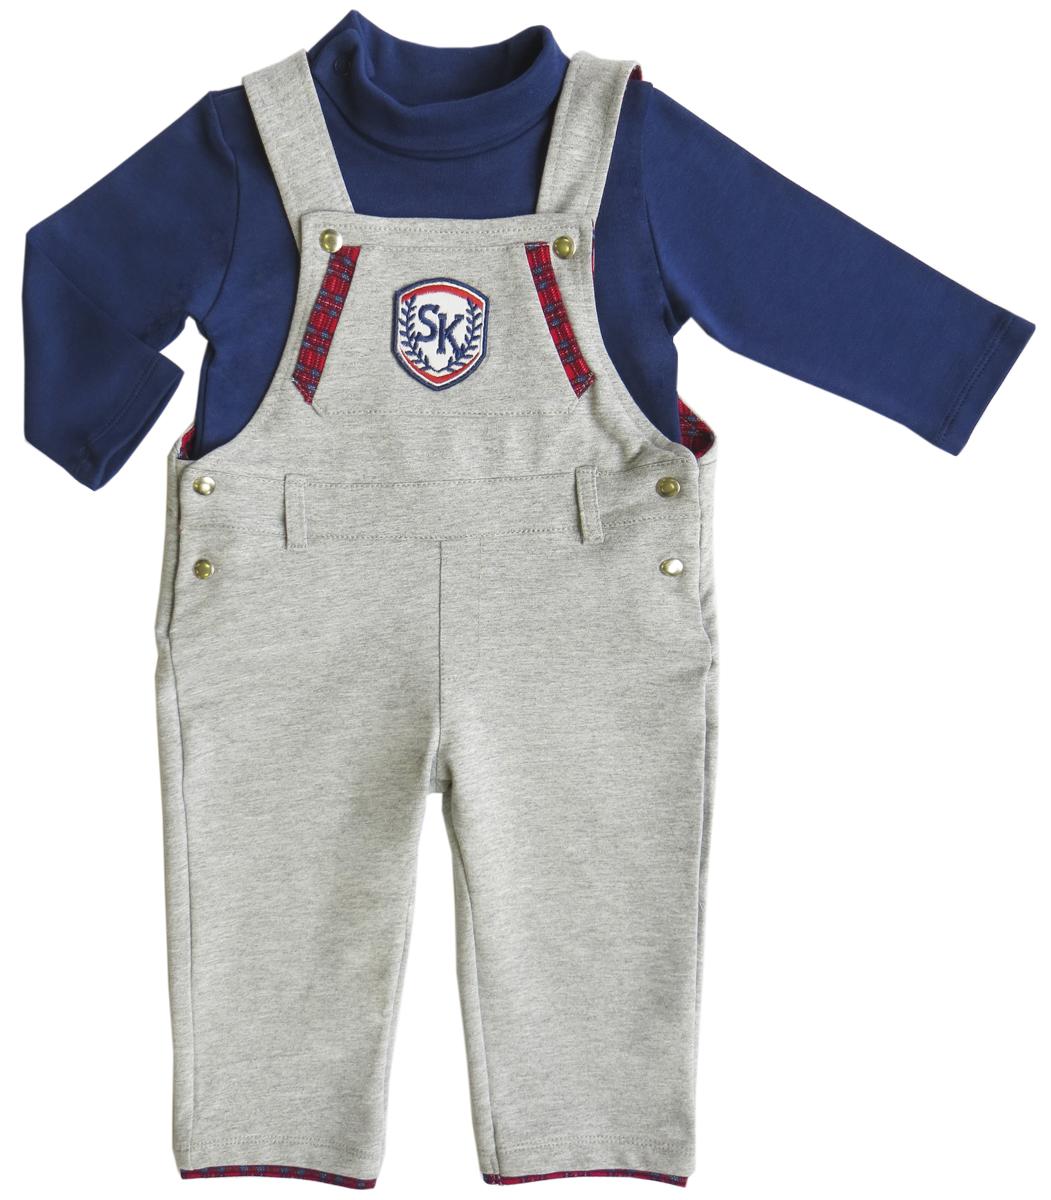 Комплект для мальчика Soni Kids Спортивная Академия: водолазка, полукомбинезон, цвет: синий, серый. З6121003. Размер 98 комплект одежды сарафан водолазка реверанс soni kids